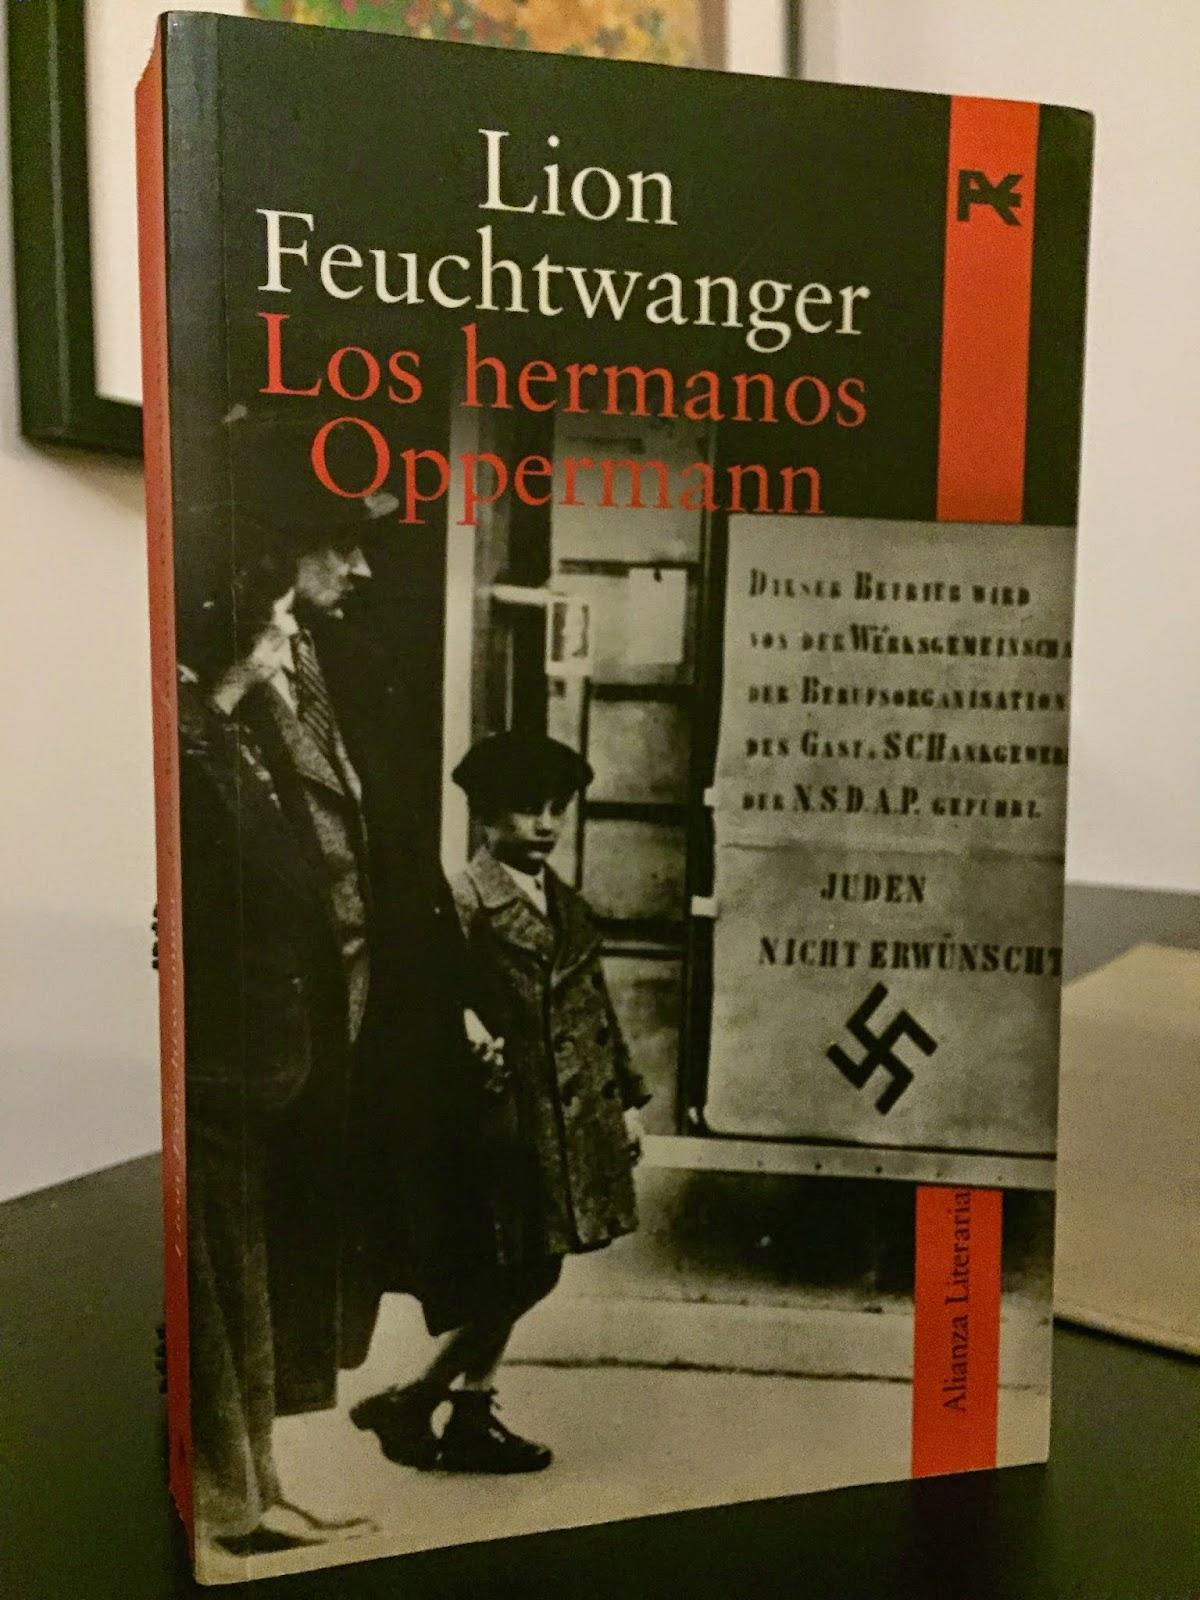 Libros de guerra, Segunda Guerra Mundial, Holocausto, judíos